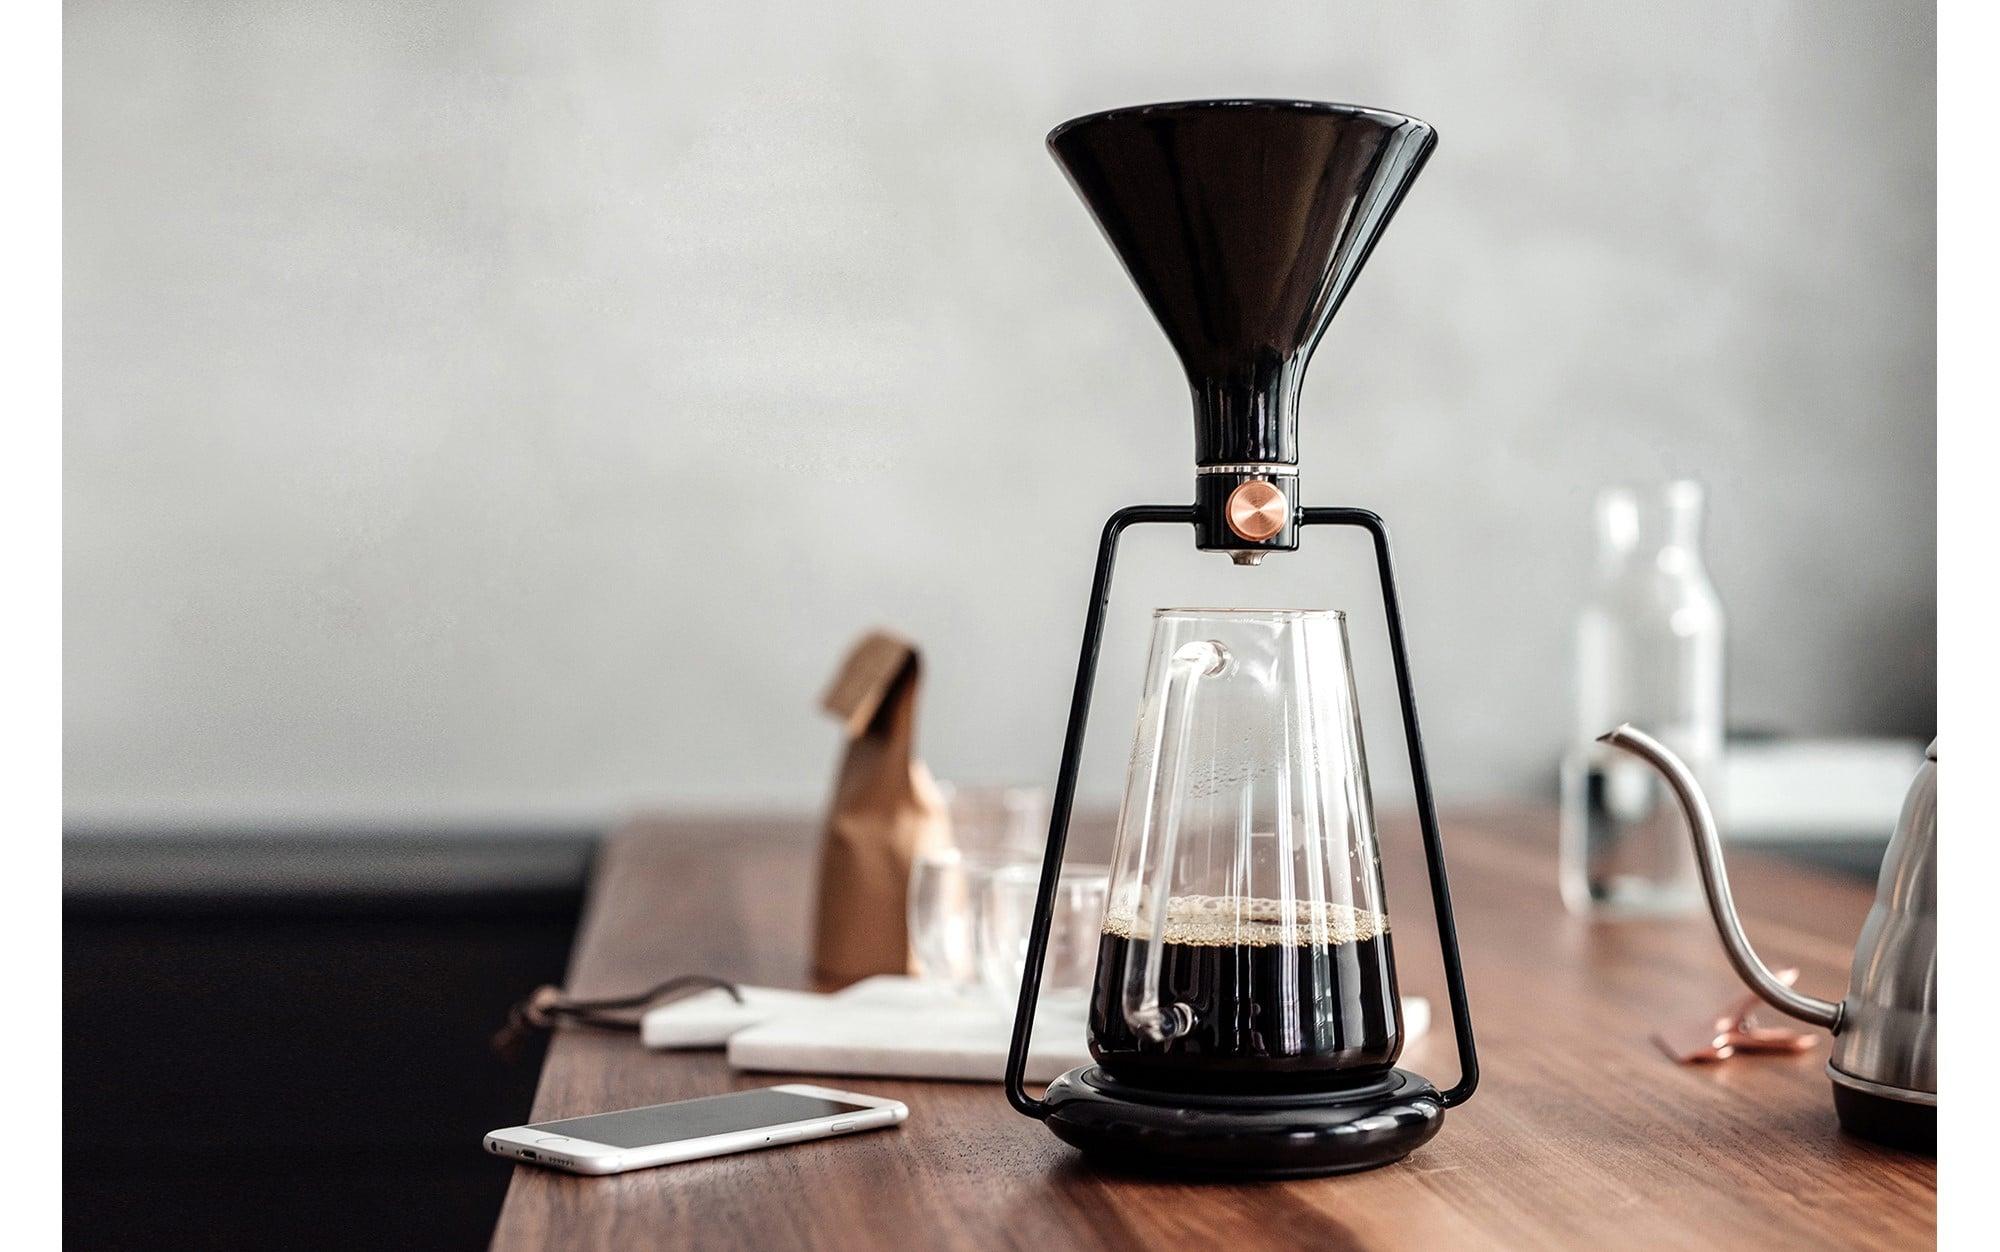 アプリが抽出のテクニックをエスコート。抽出レシピを世界中のユーザーとオンラインで共有できるスマートコーヒーメーカー 「ジーナ」